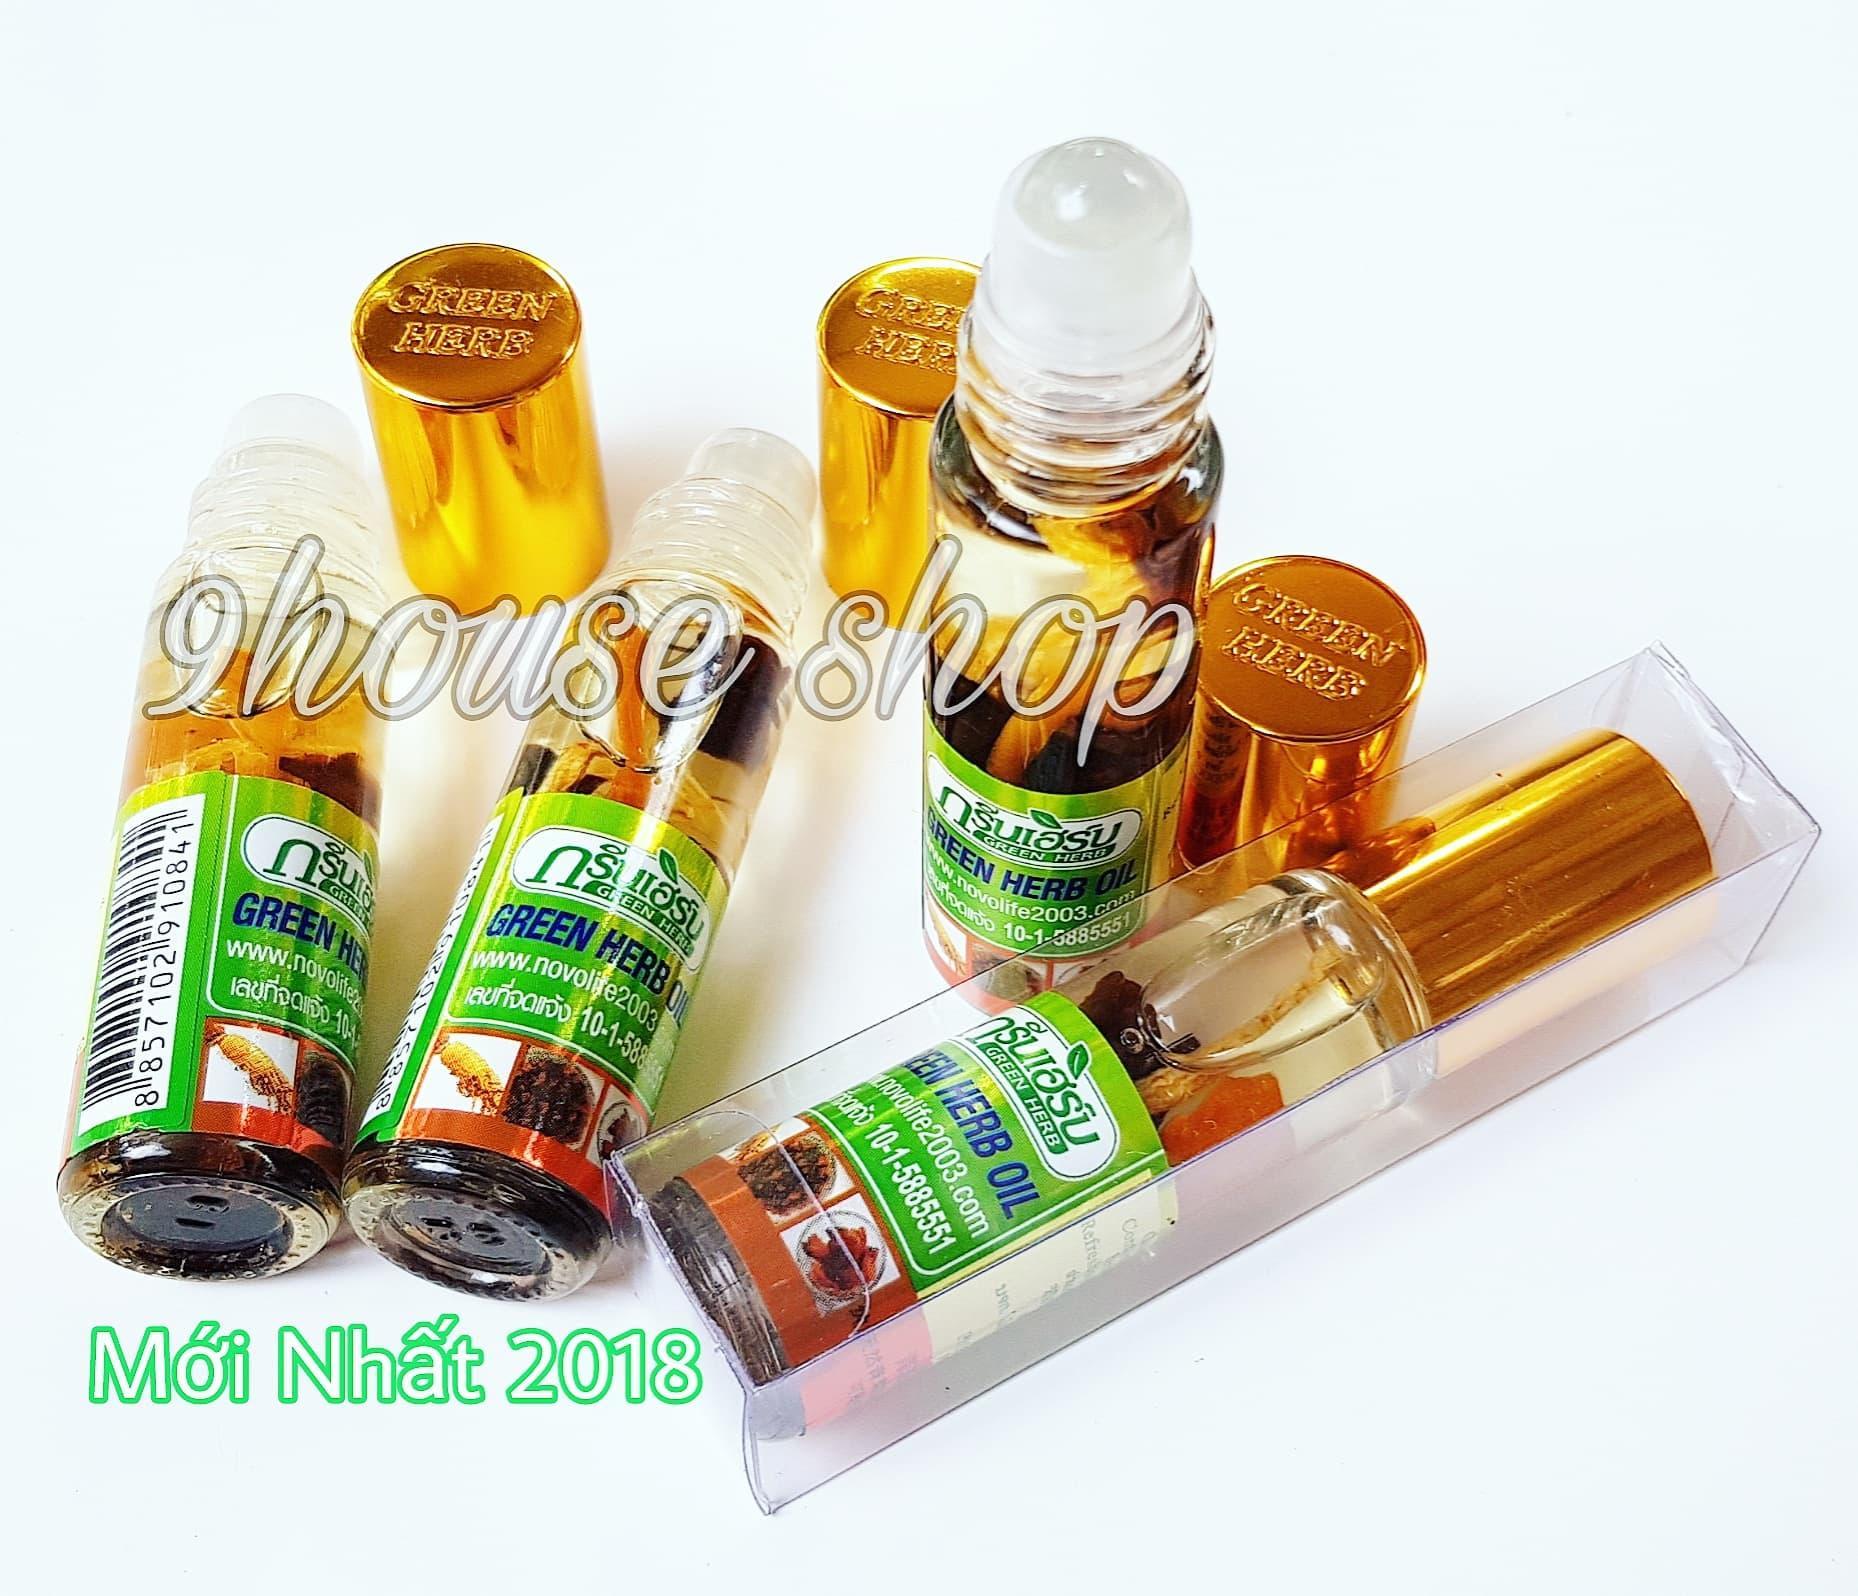 Bộ 2 Dầu Nhân Sâm Ginseng Green Herb Oil Thái Lan(nhập khẩu) - 8ml x 2chai